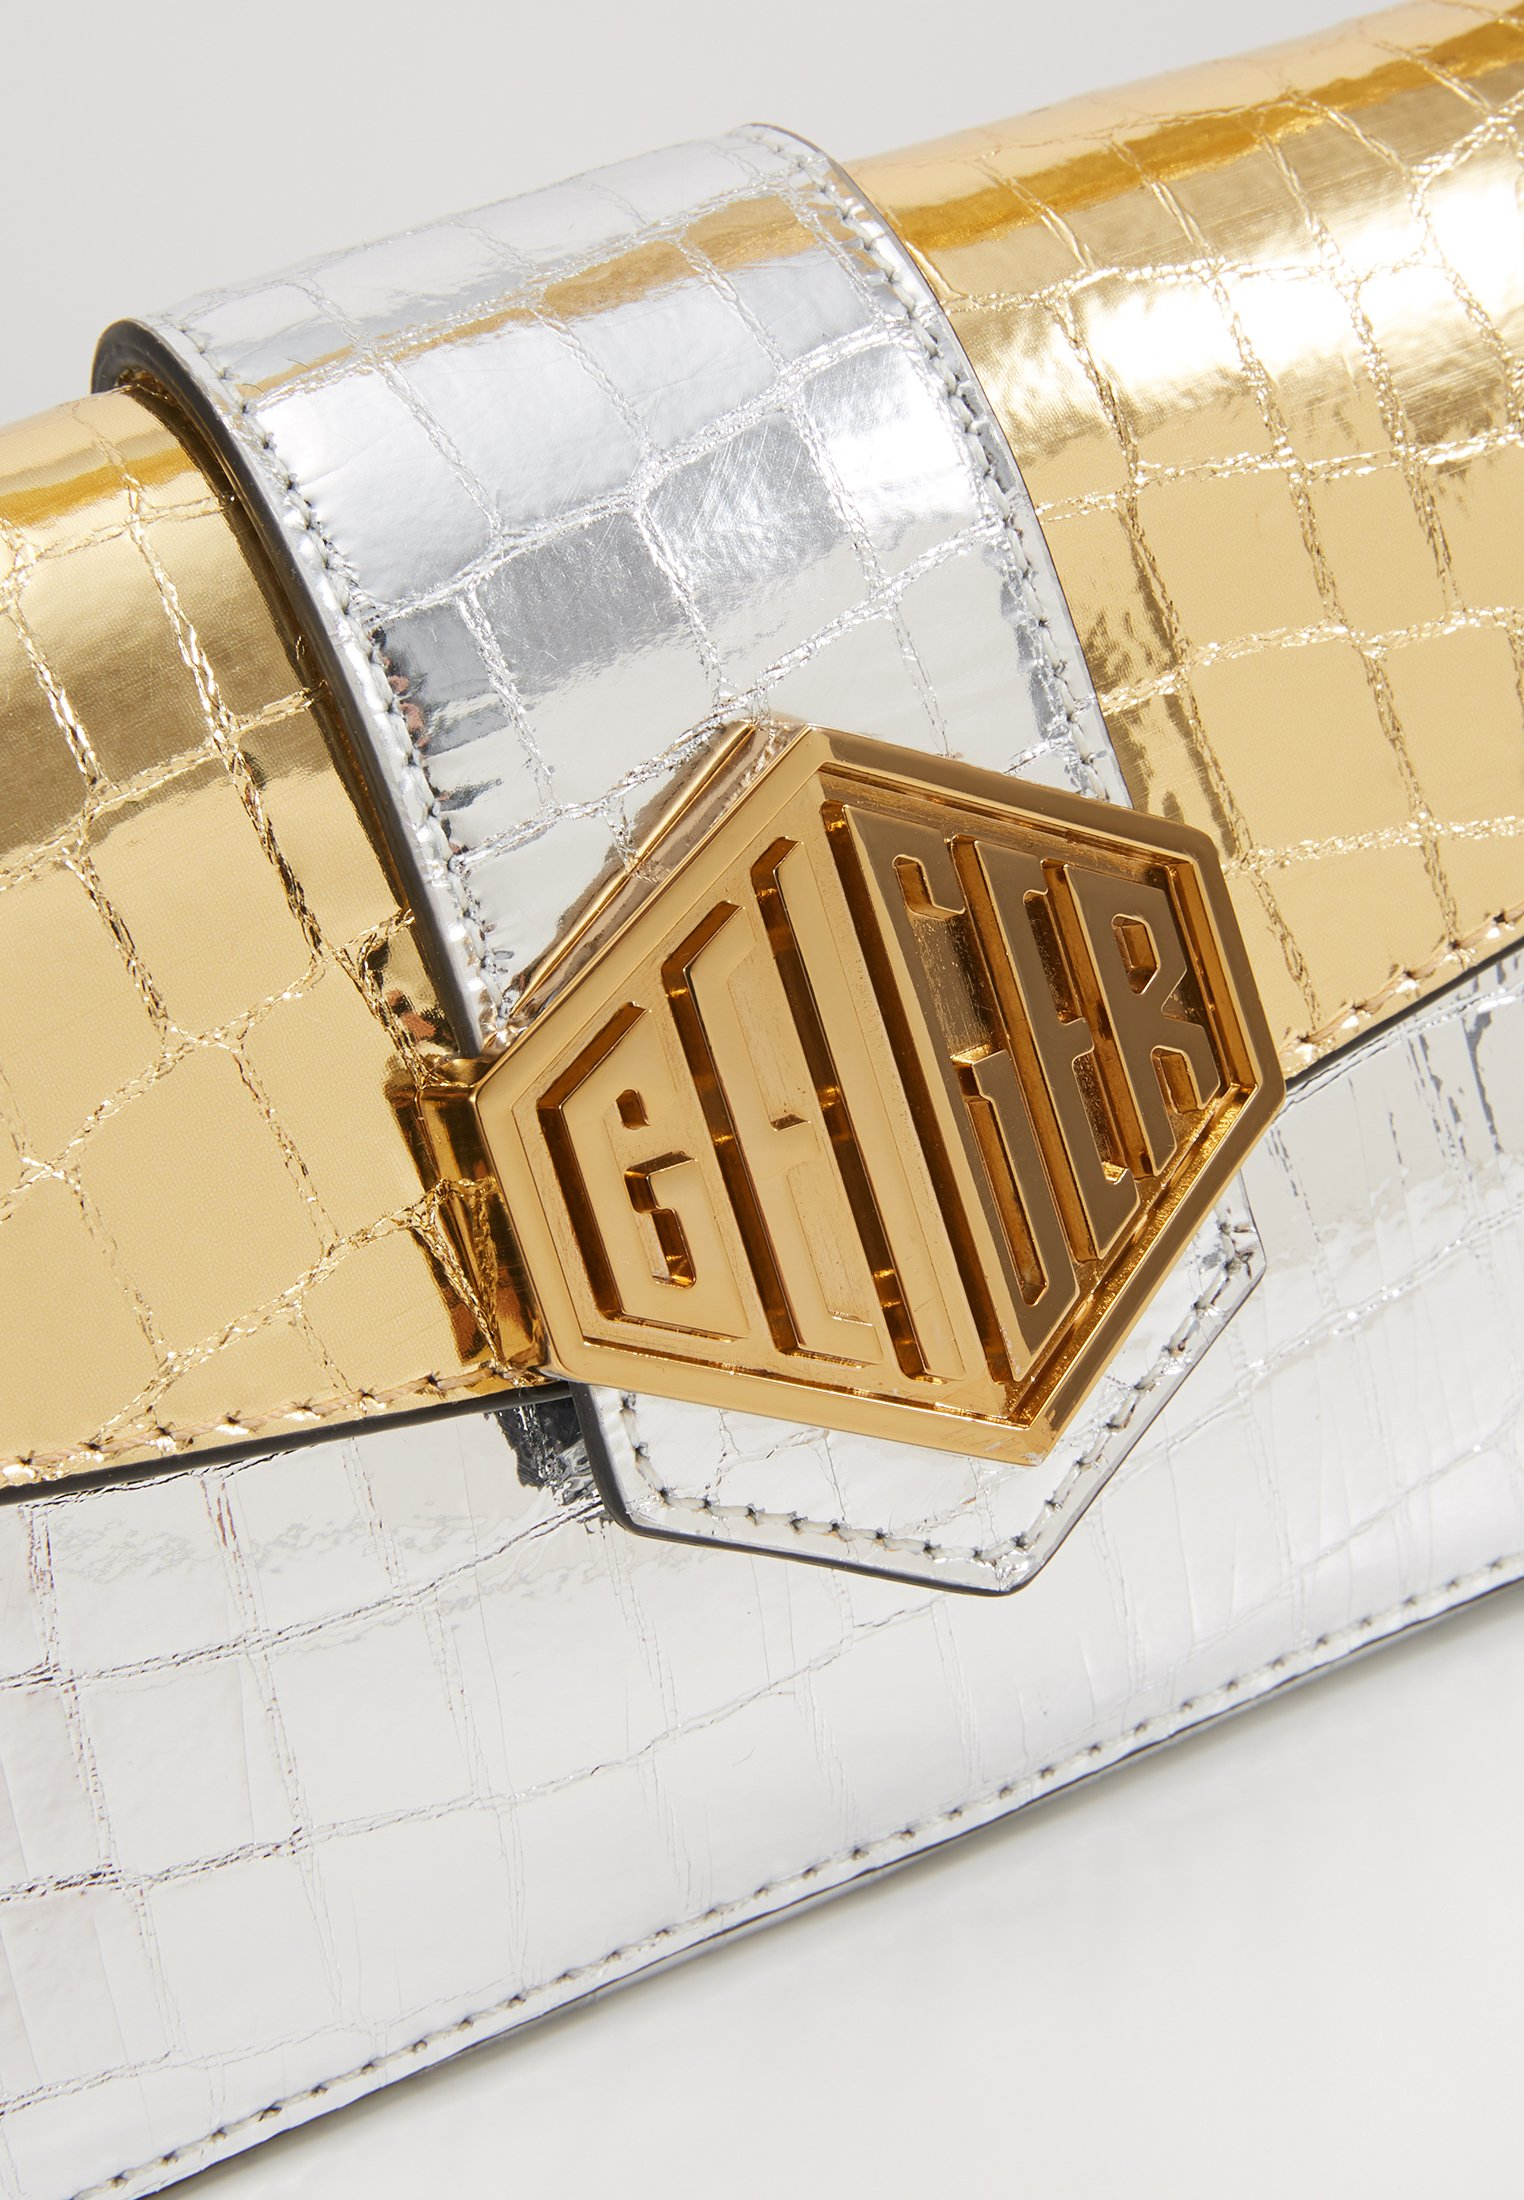 Kurt Geiger London Mini Bag - Borsa A Mano Metal Comb 8A9XwDt